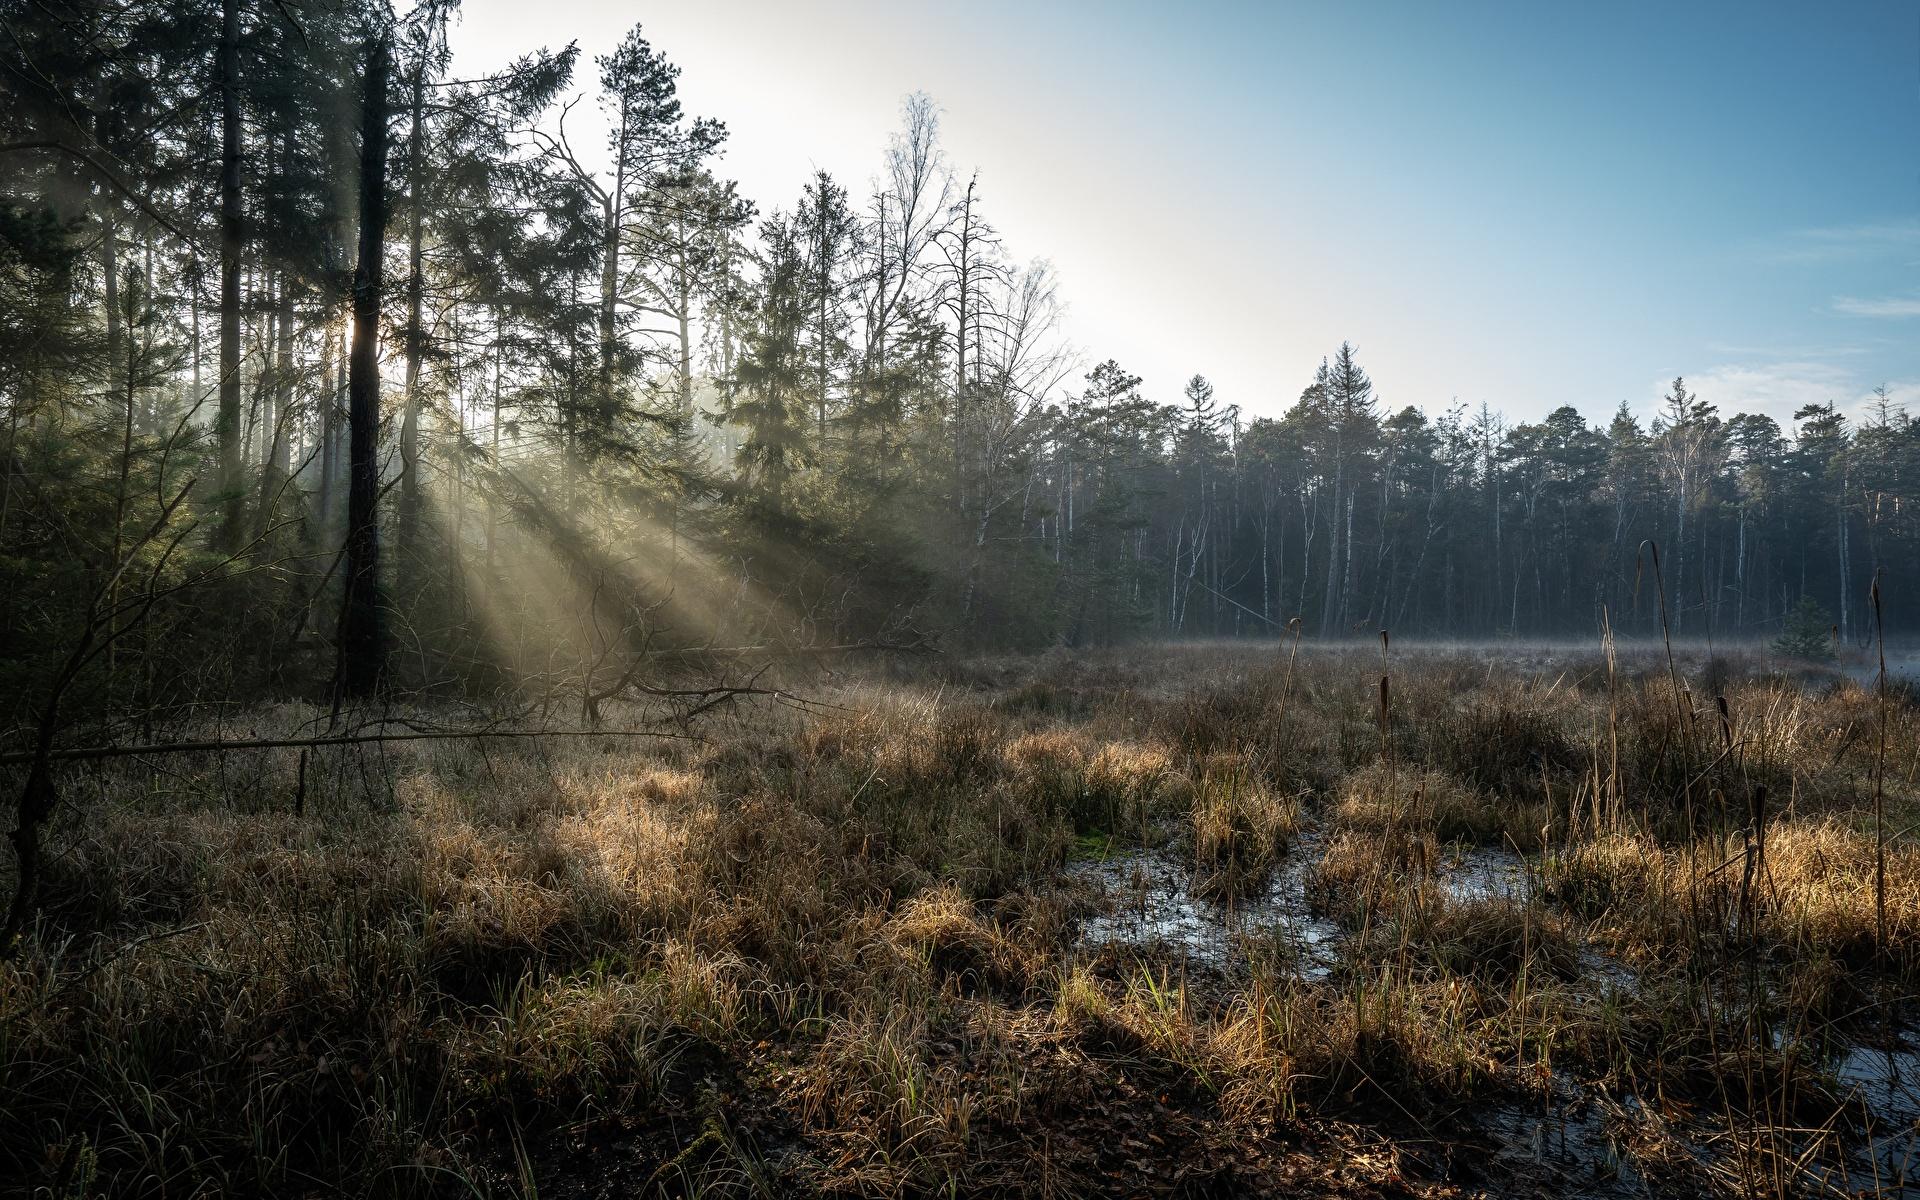 Fotos von Lichtstrahl Deutschland Grossdittmannsdorf, Saxony Natur Sumpf Wälder Bäume 1920x1200 Wald